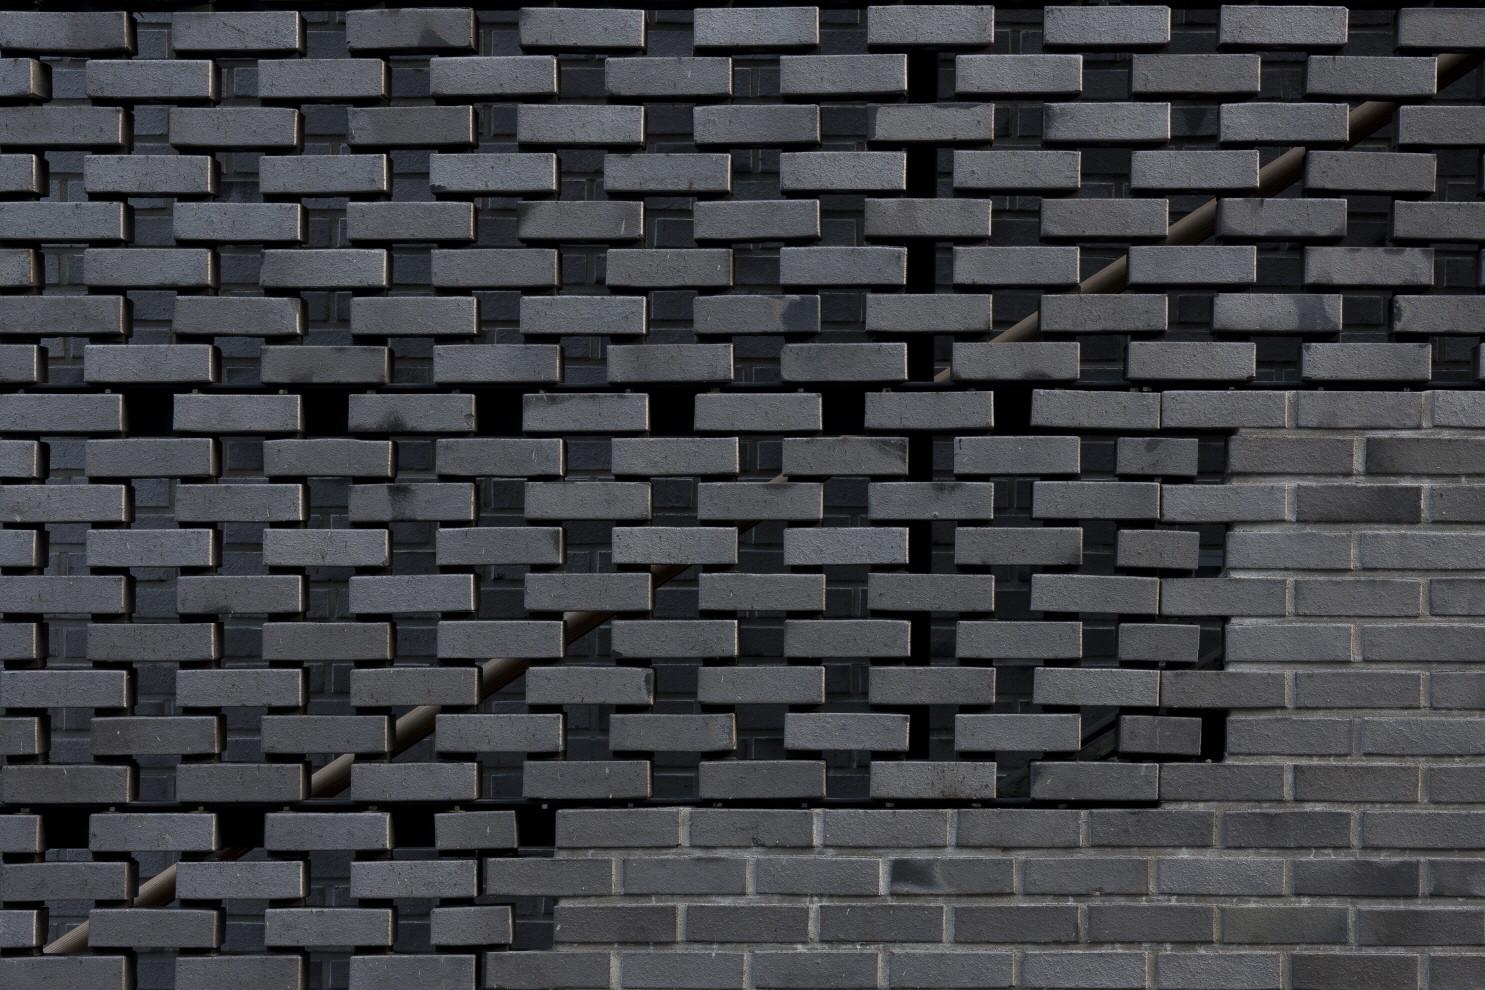 Unduh 6800 Koleksi Background Tembok Hitam Paling Keren